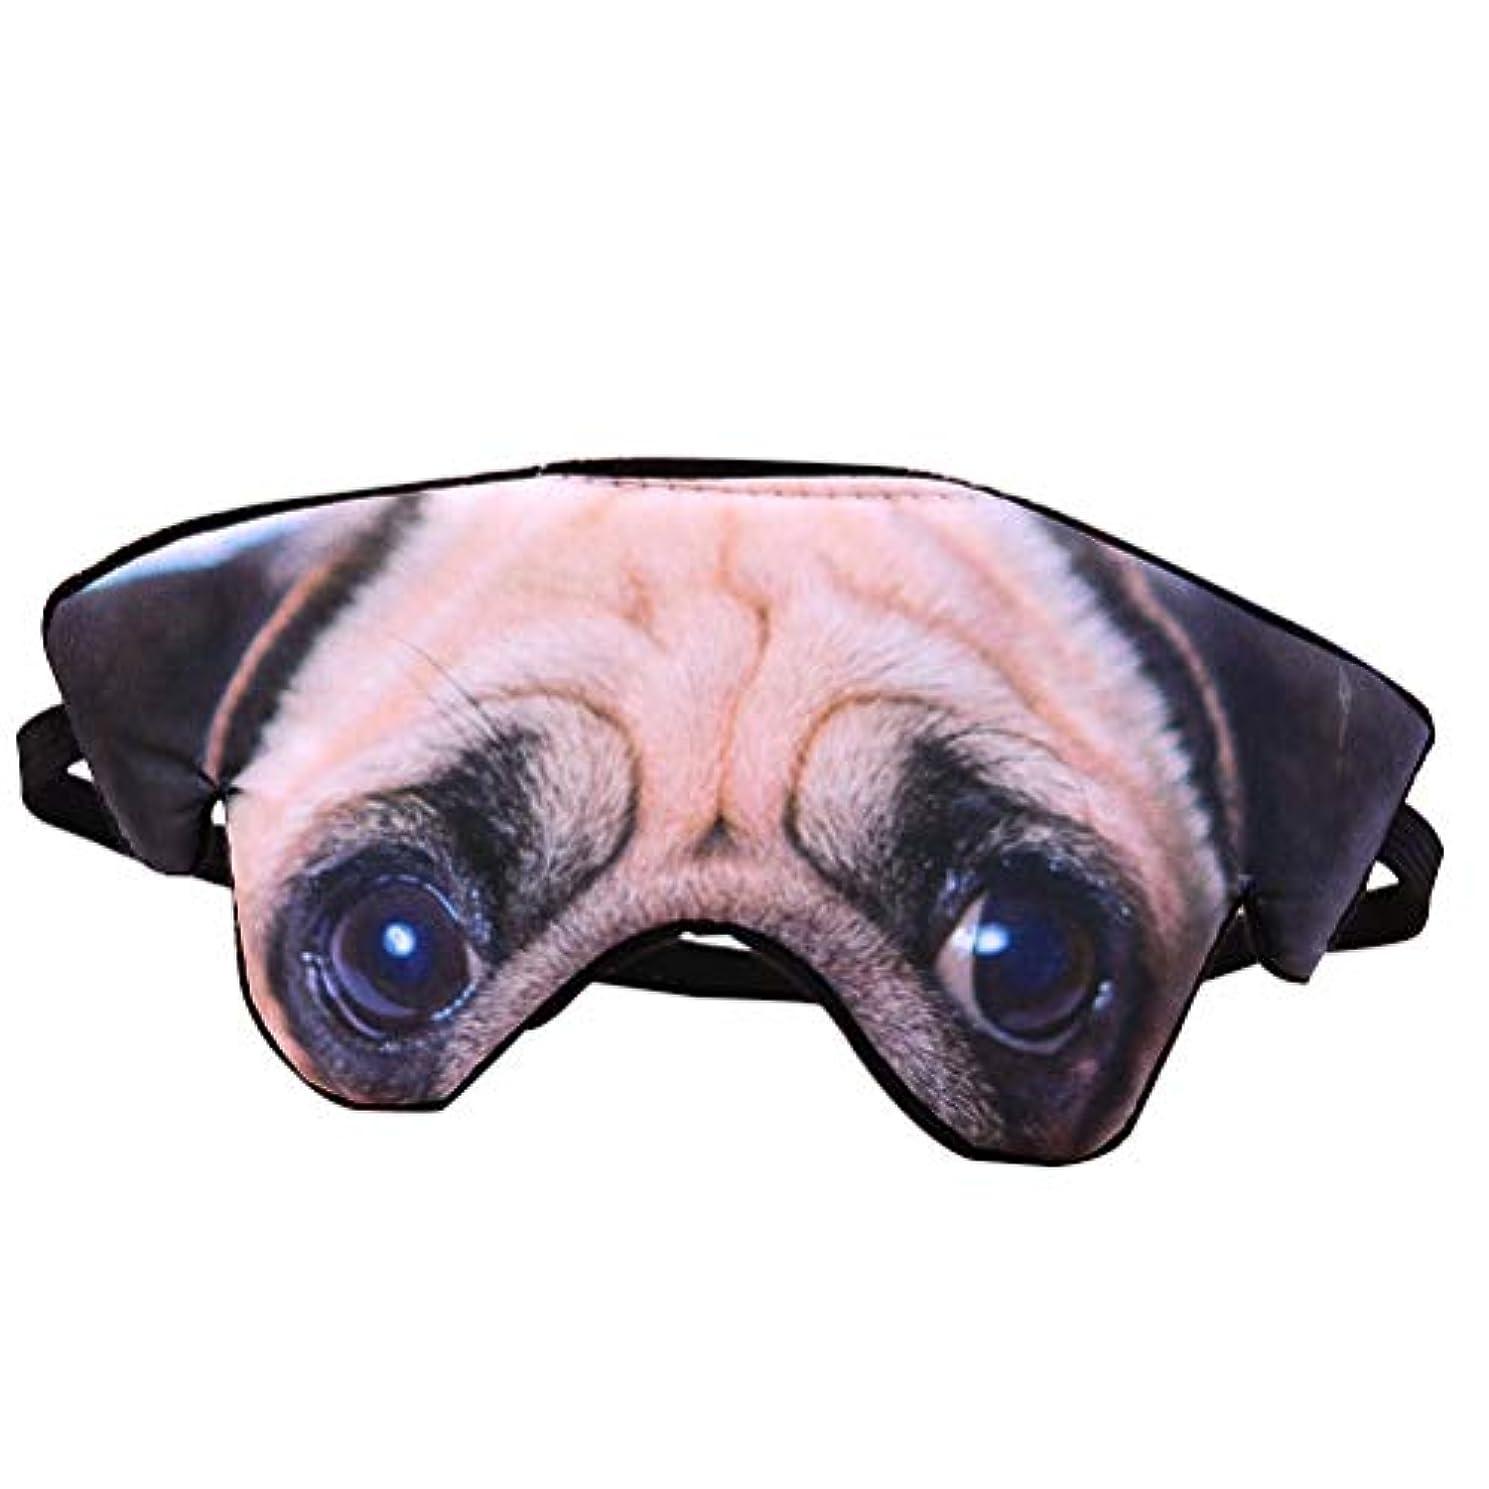 アジテーション不倫靄HEALIFTY 睡眠目隠し3D犬のパターンアイマスクファニーシェードナップカバー目隠し睡眠マスク目の眠りゴーグル(Pug)